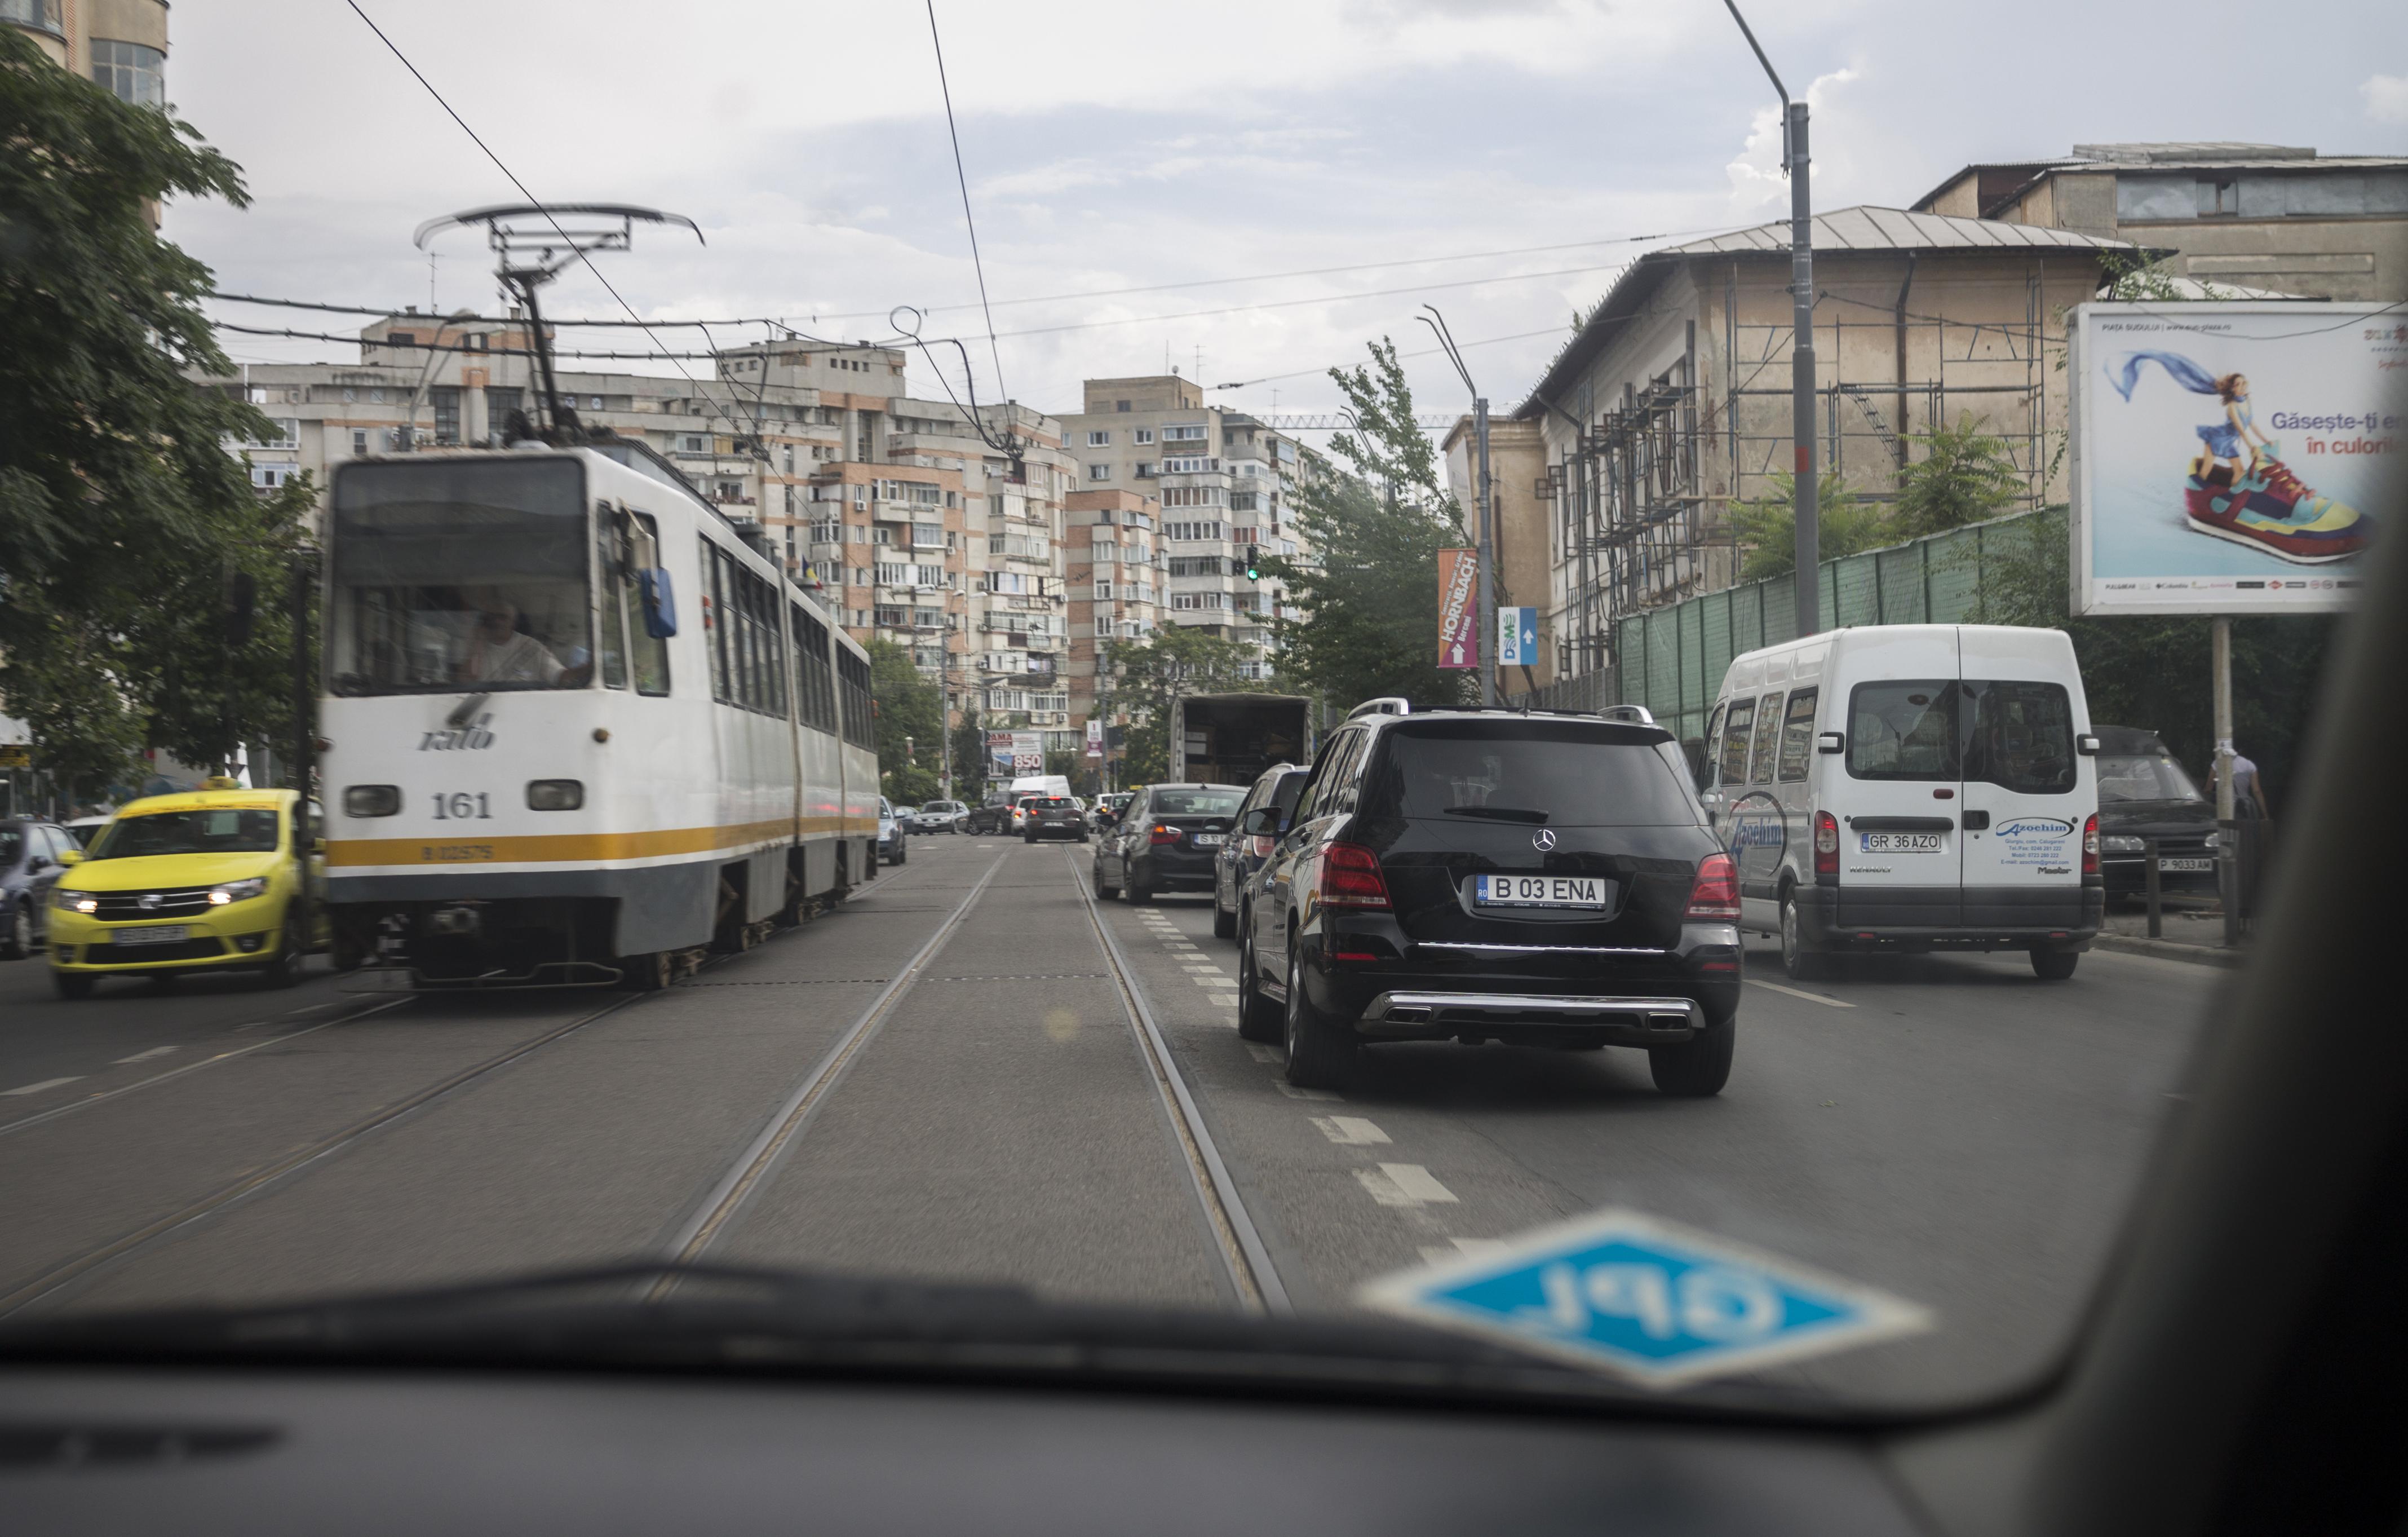 Bucurestiul, vazut din taxi